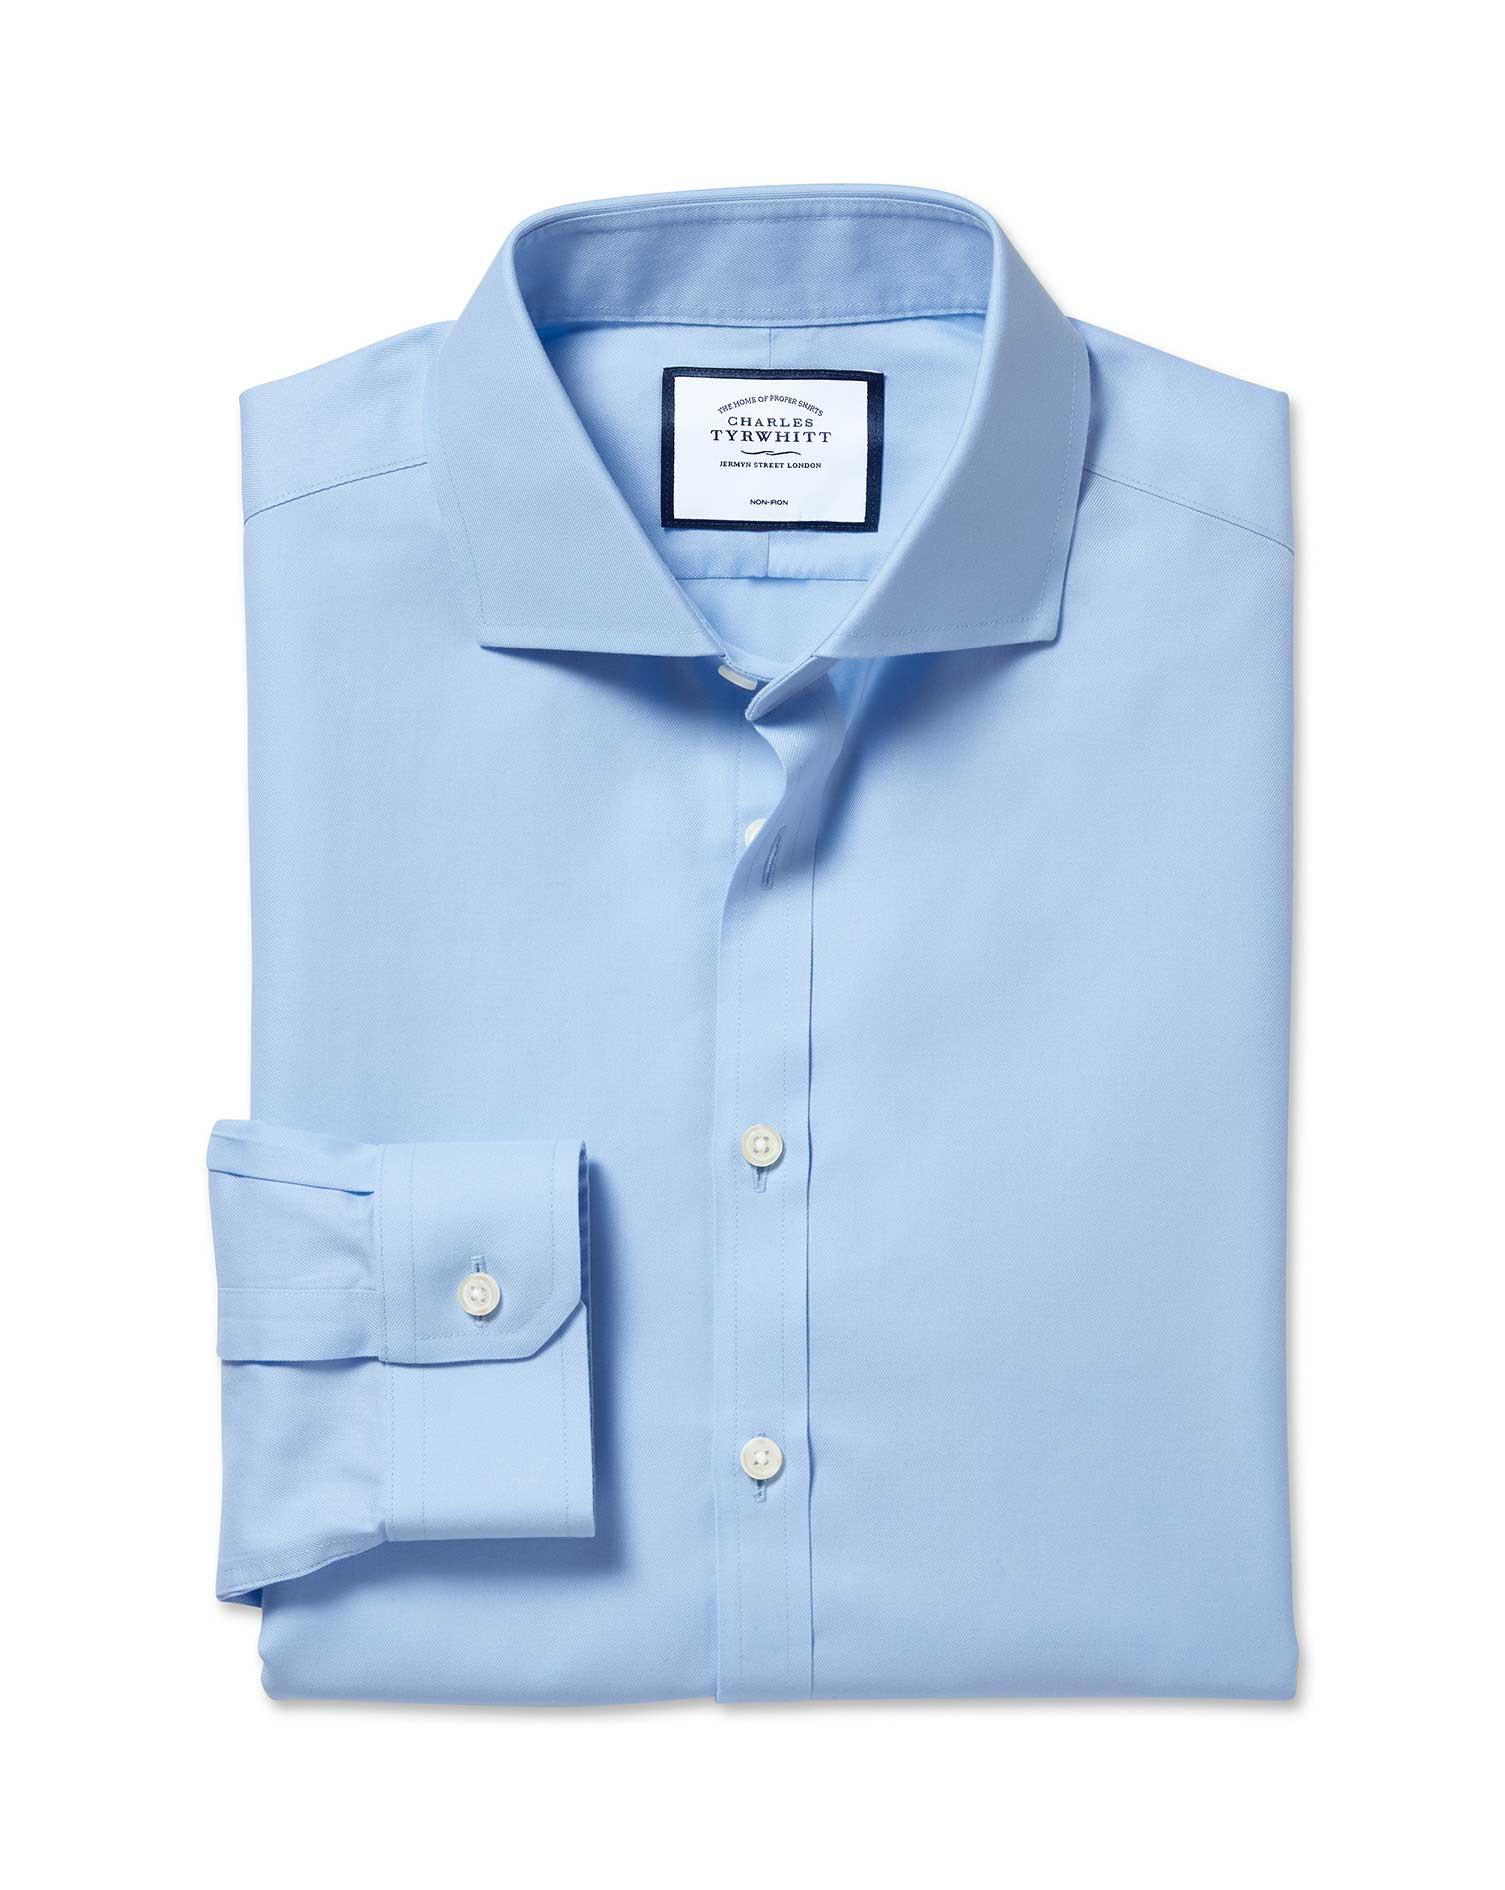 Super Slim Fit Spread Collar Non Iron Twill Blue Shirt